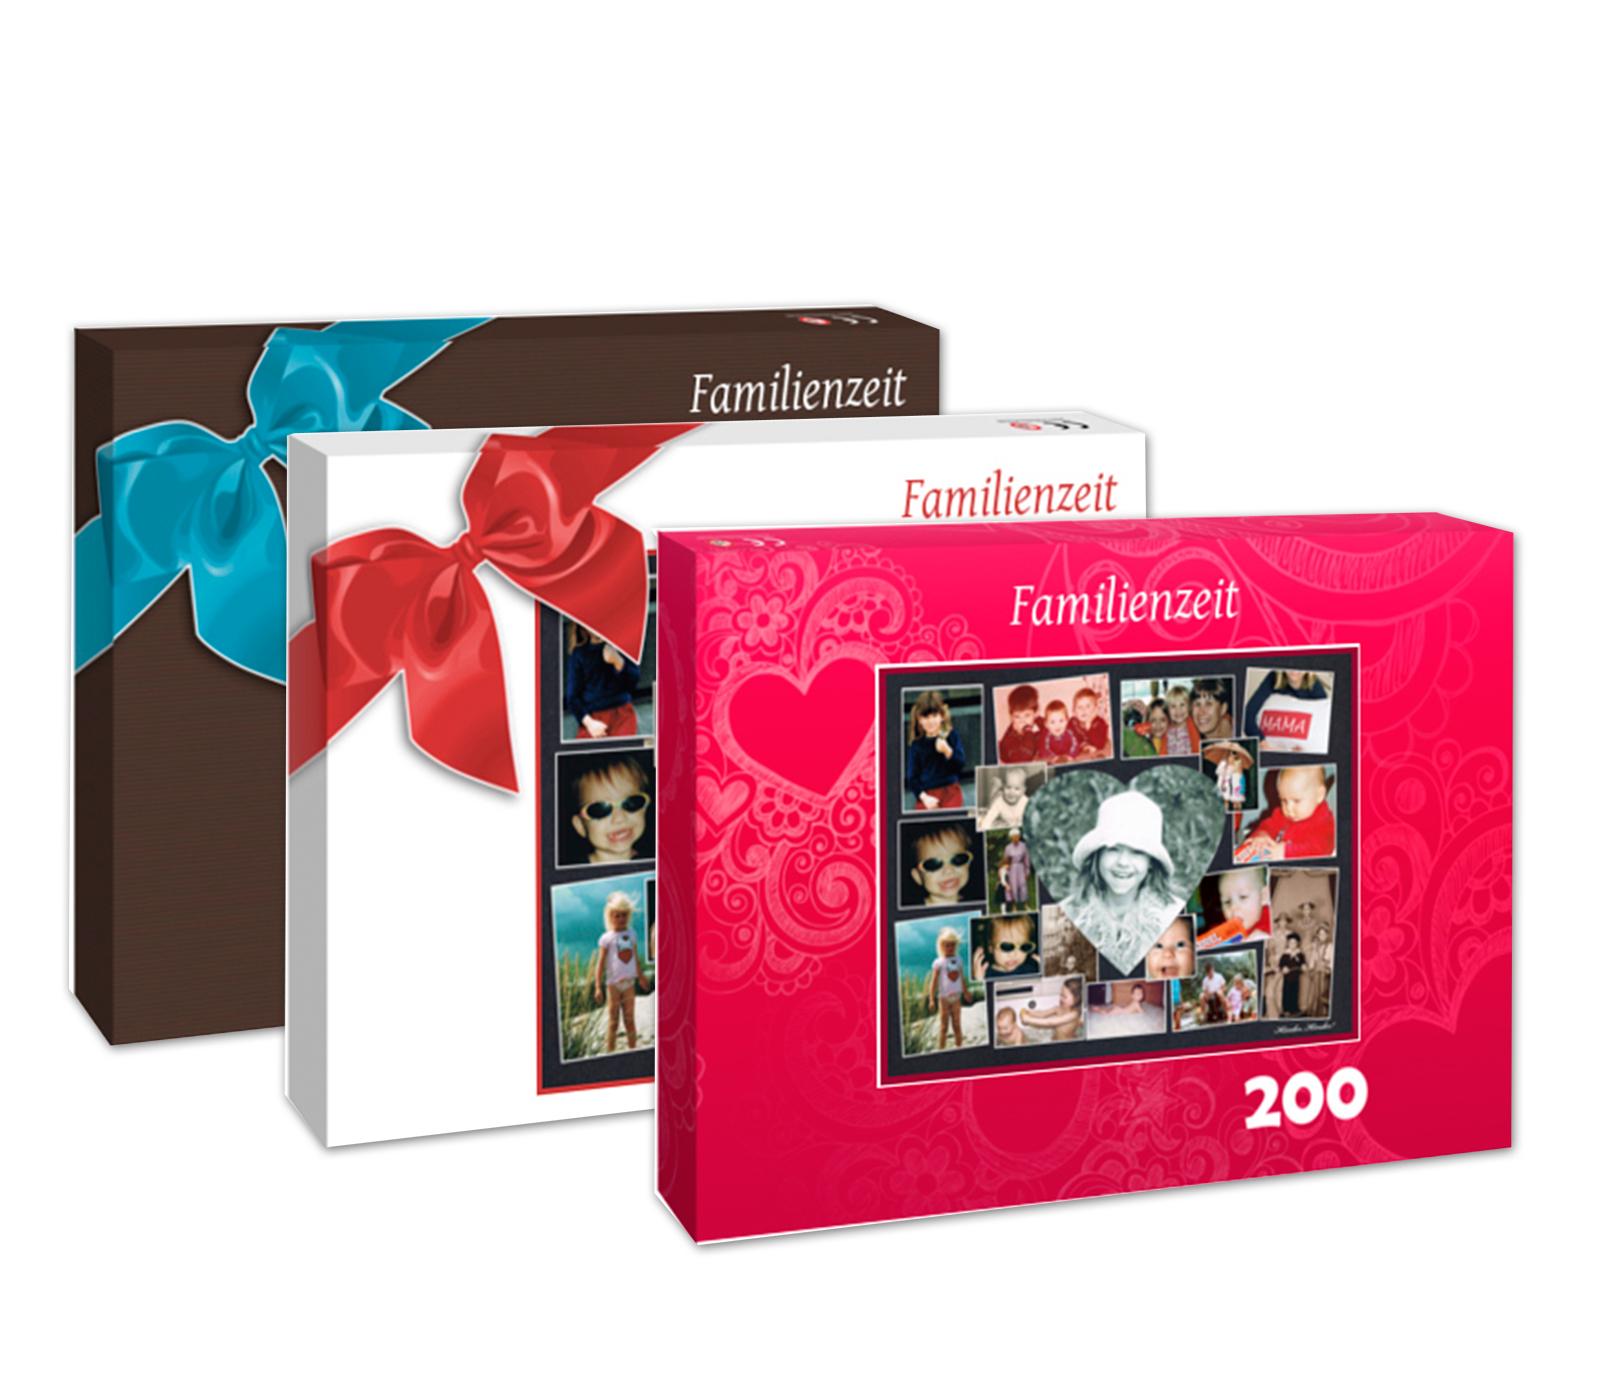 layoutvorschl ge geschenkverpackung f r 200 teile puzzle aus fotocollage exklusive geschenke. Black Bedroom Furniture Sets. Home Design Ideas